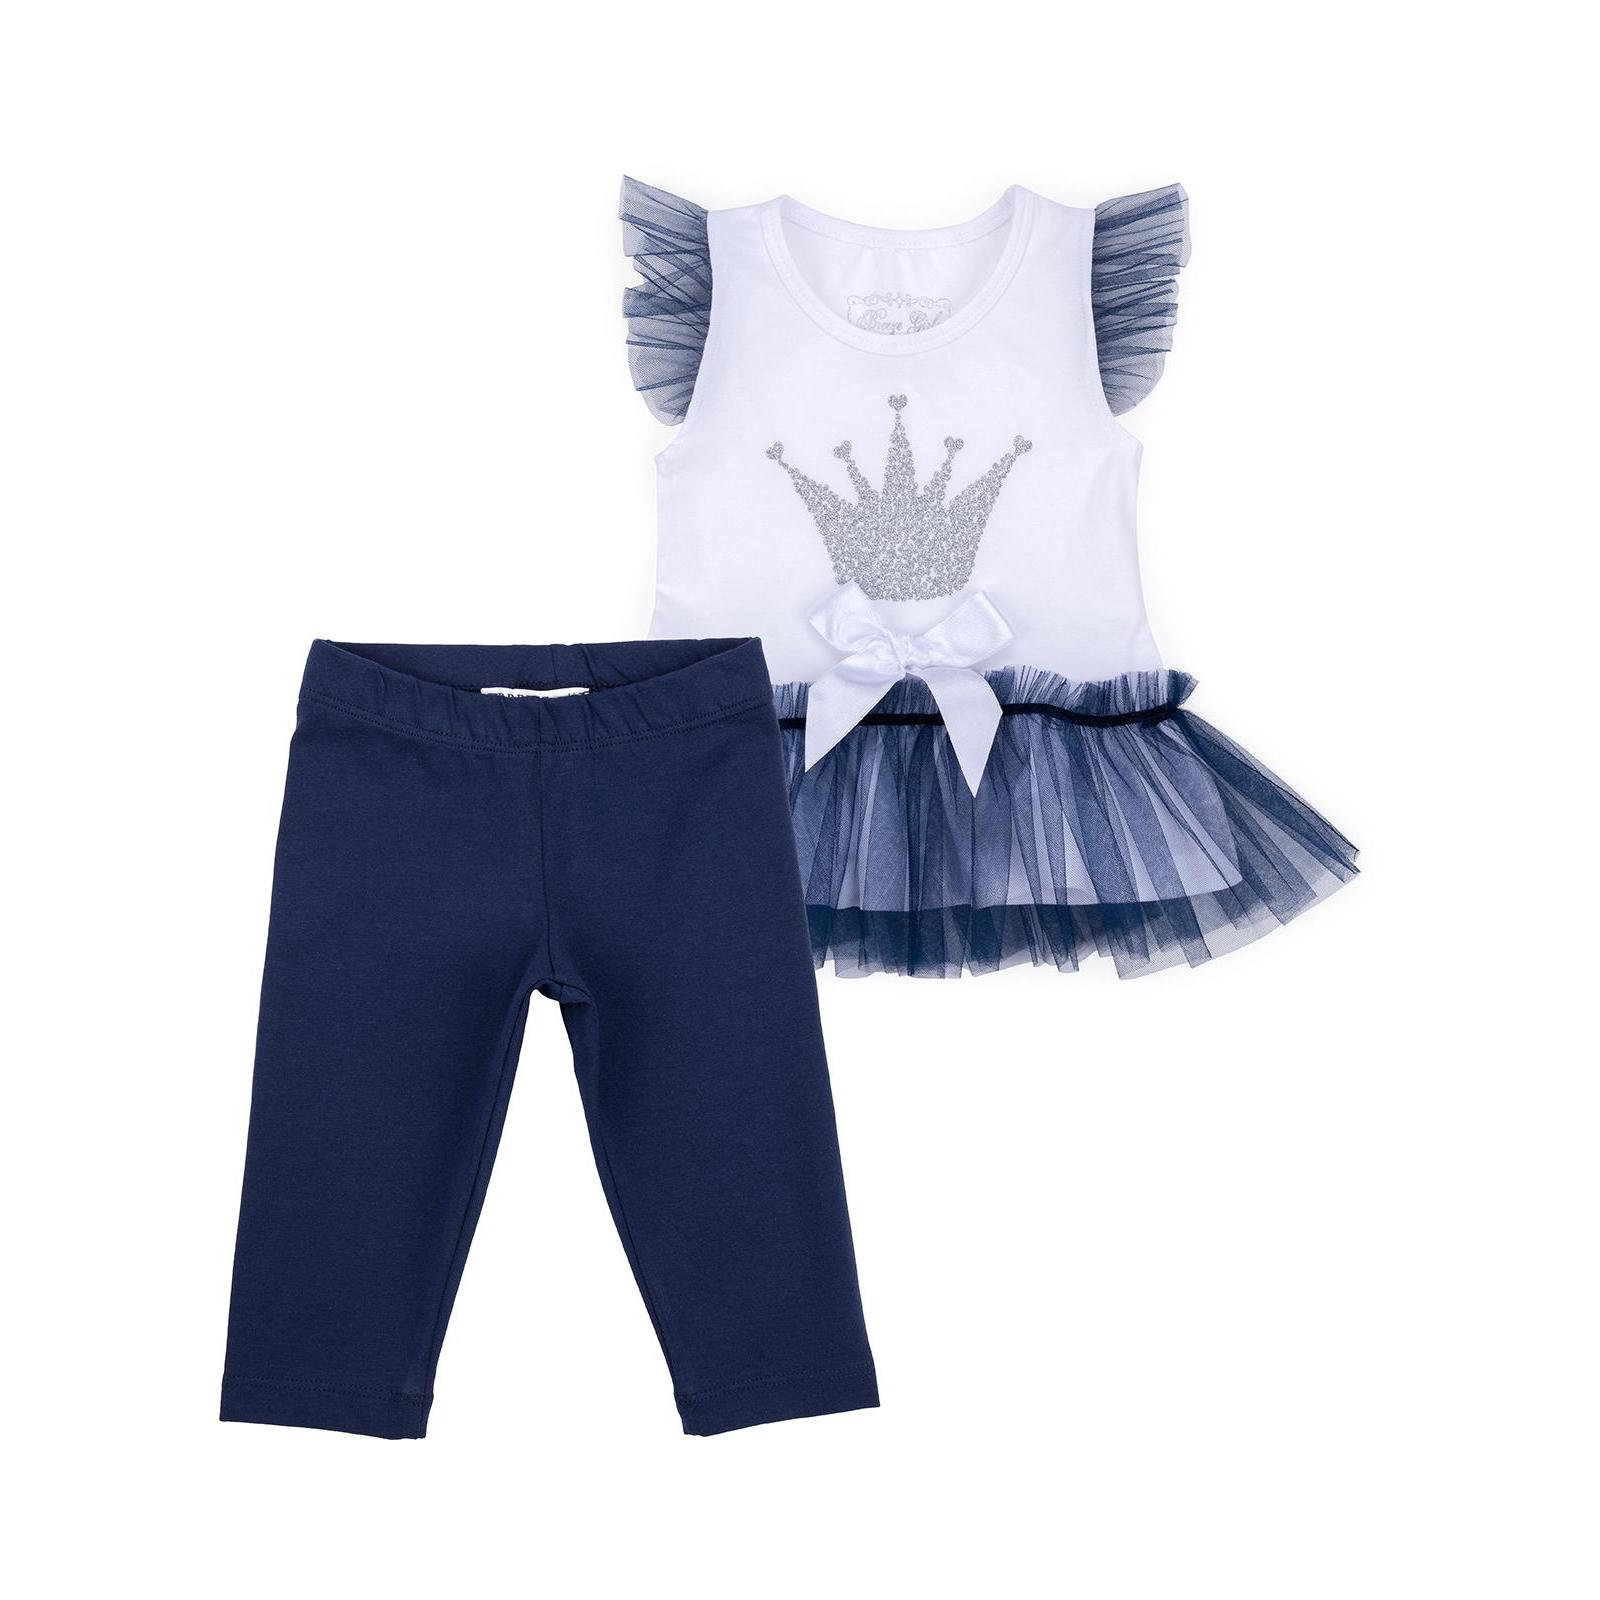 Набор детской одежды Breeze с коронкой (10869-98G-blue)